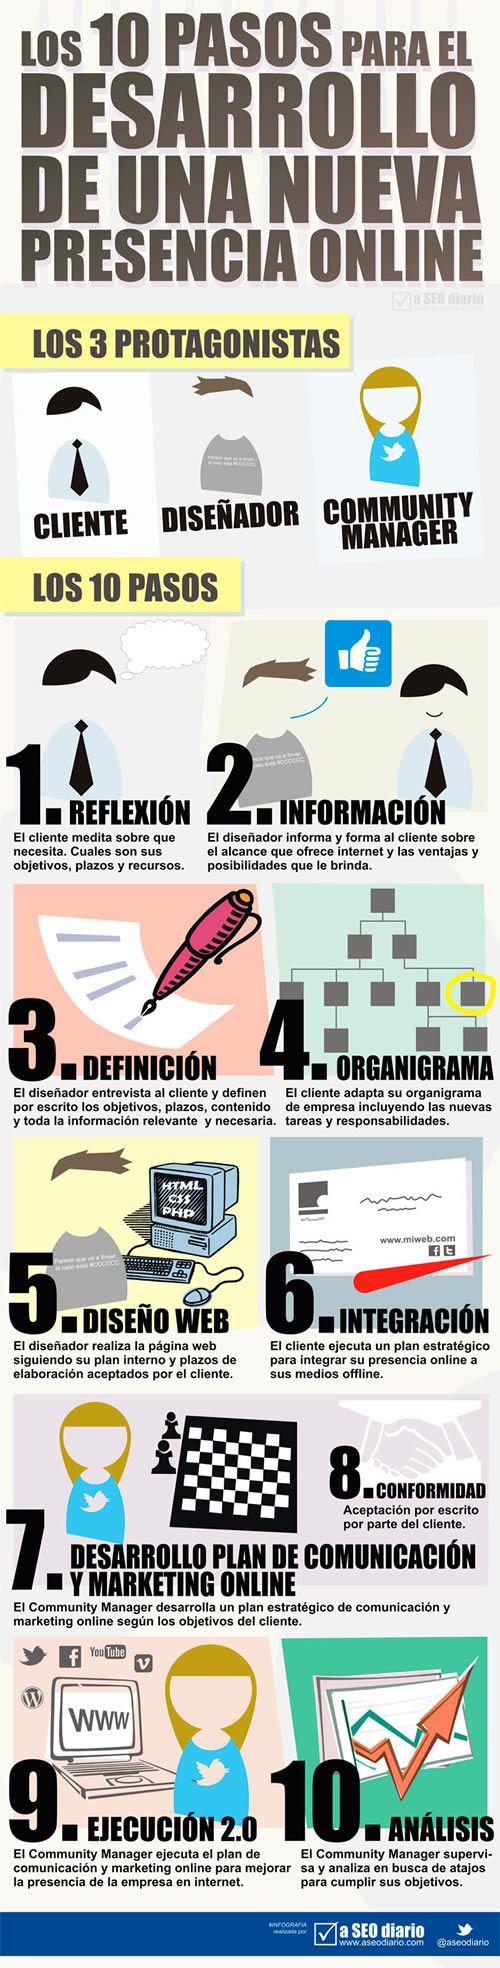 Los 10 pasos para el desarrollo de nueva presencia online #infografia